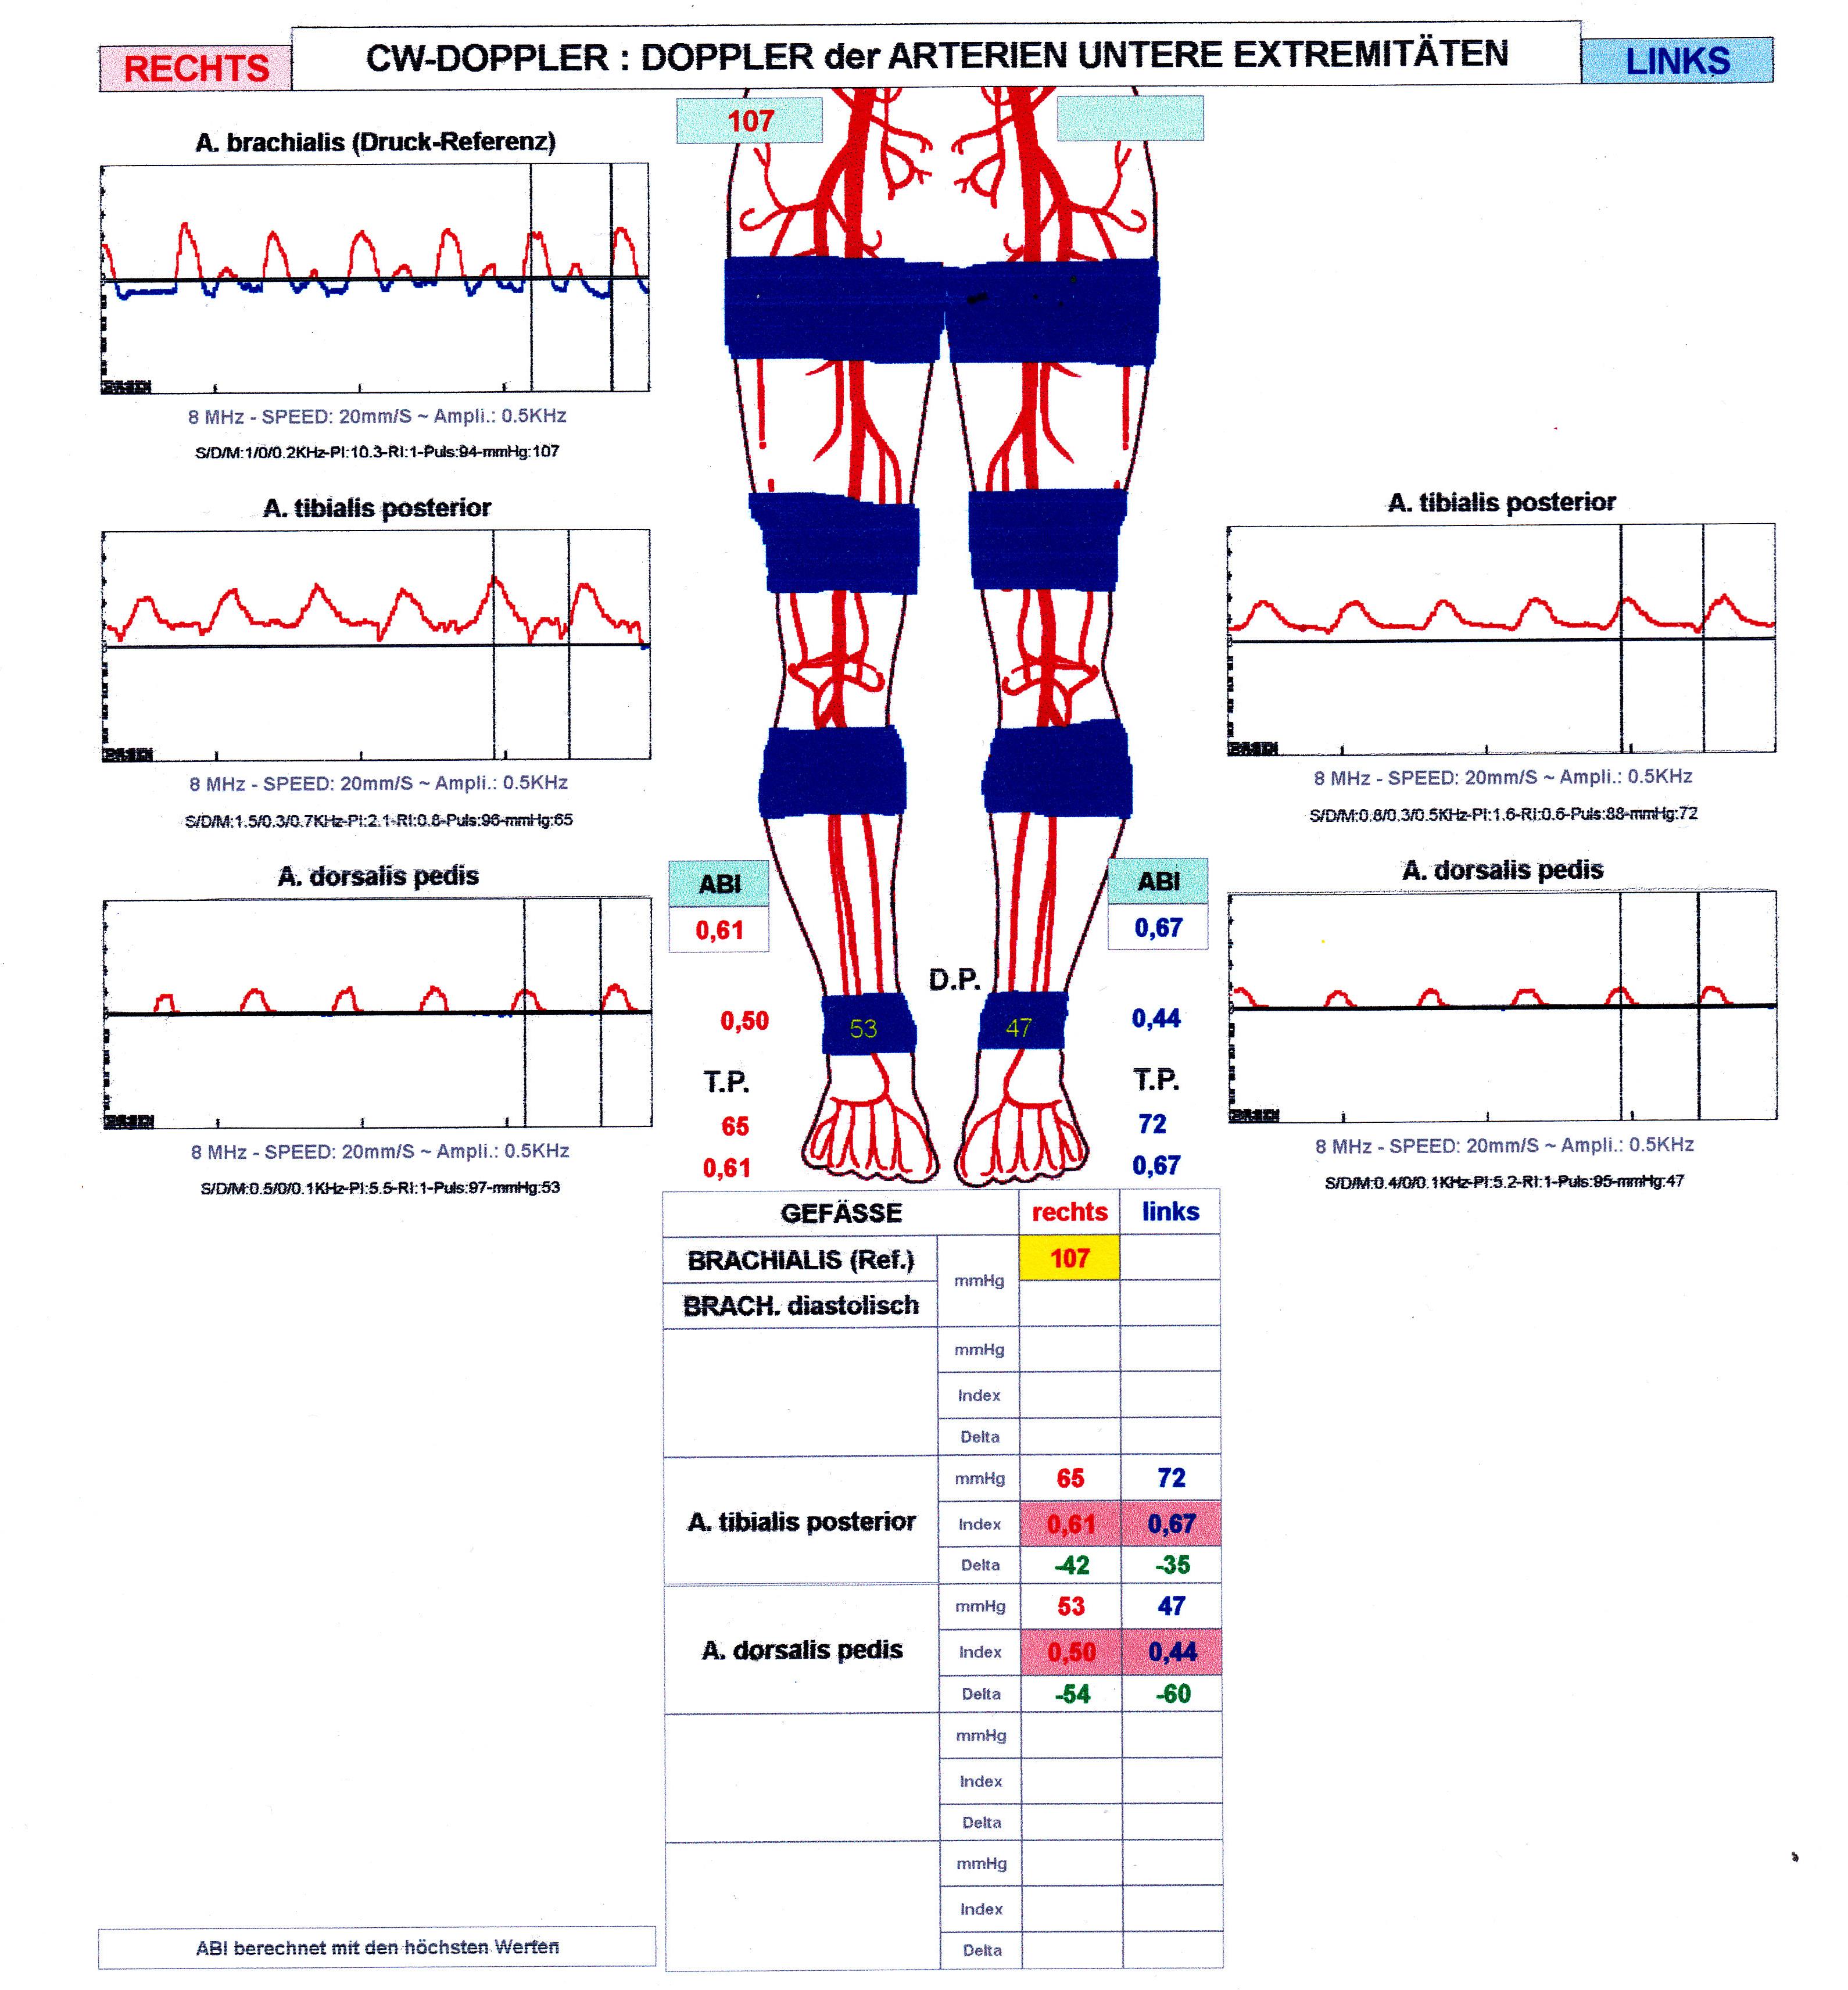 Praxis-Kauschke.de | Arterielle Druckmessung mit der Dopplersonde